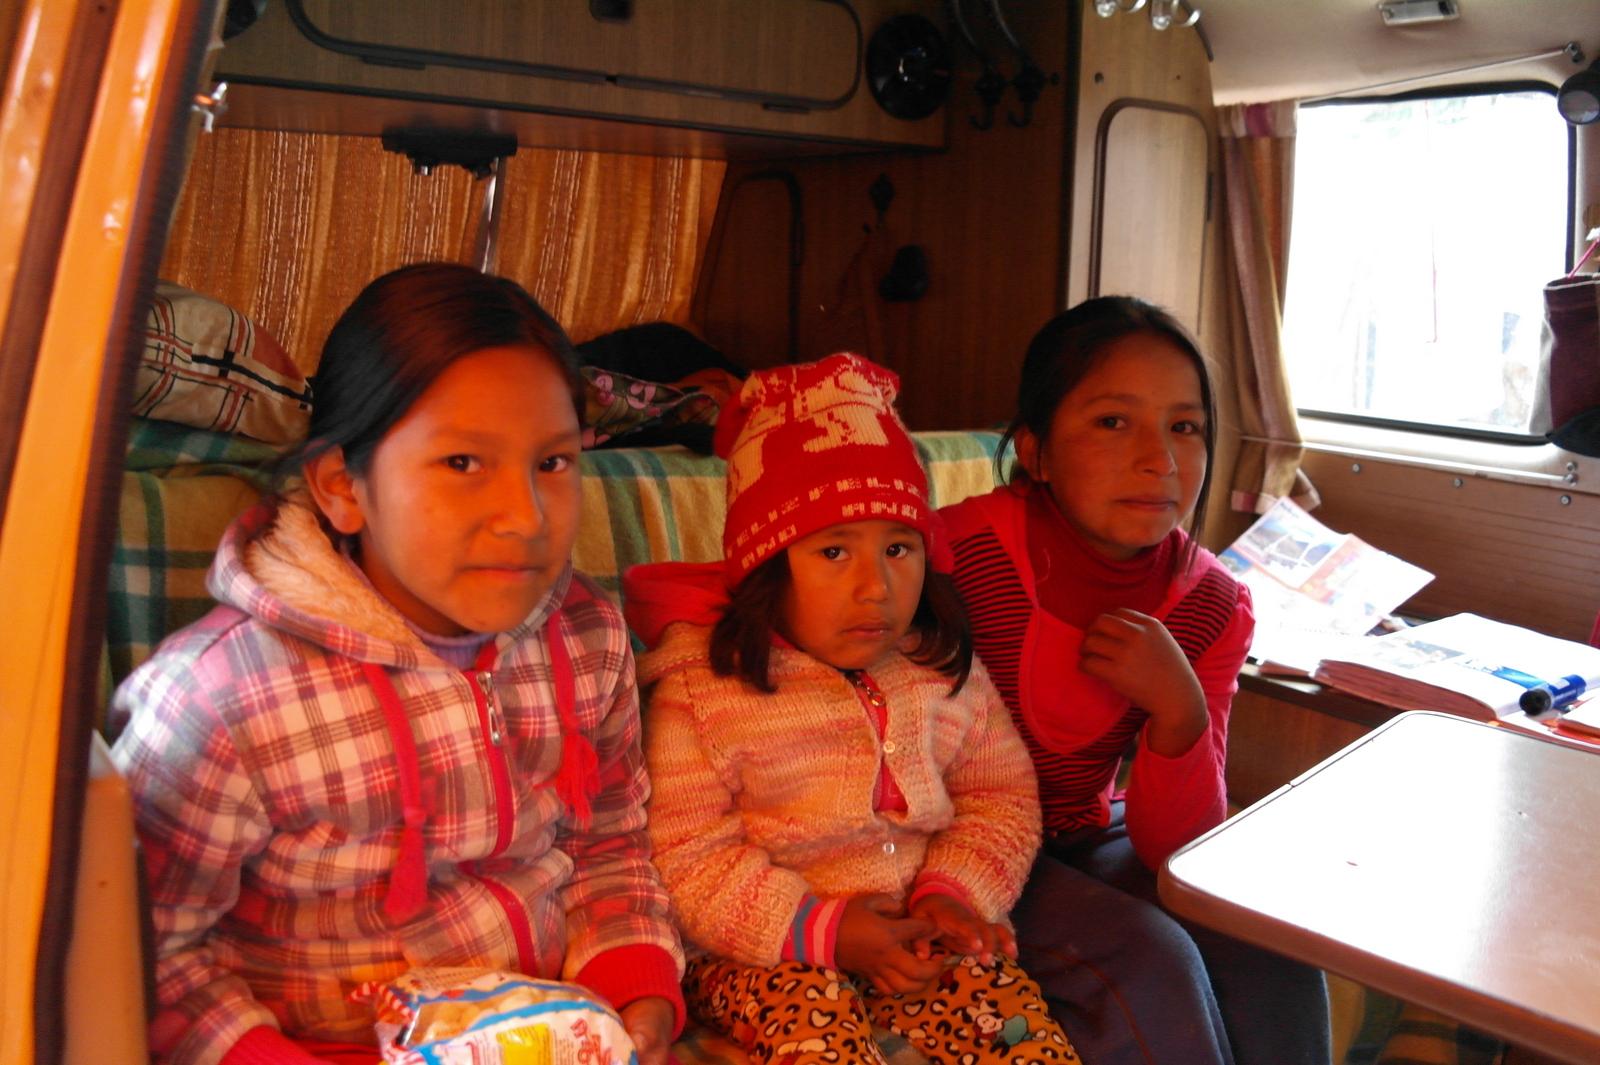 20 en drie vriendinnetjes samen in de bus..., spannend - leuk